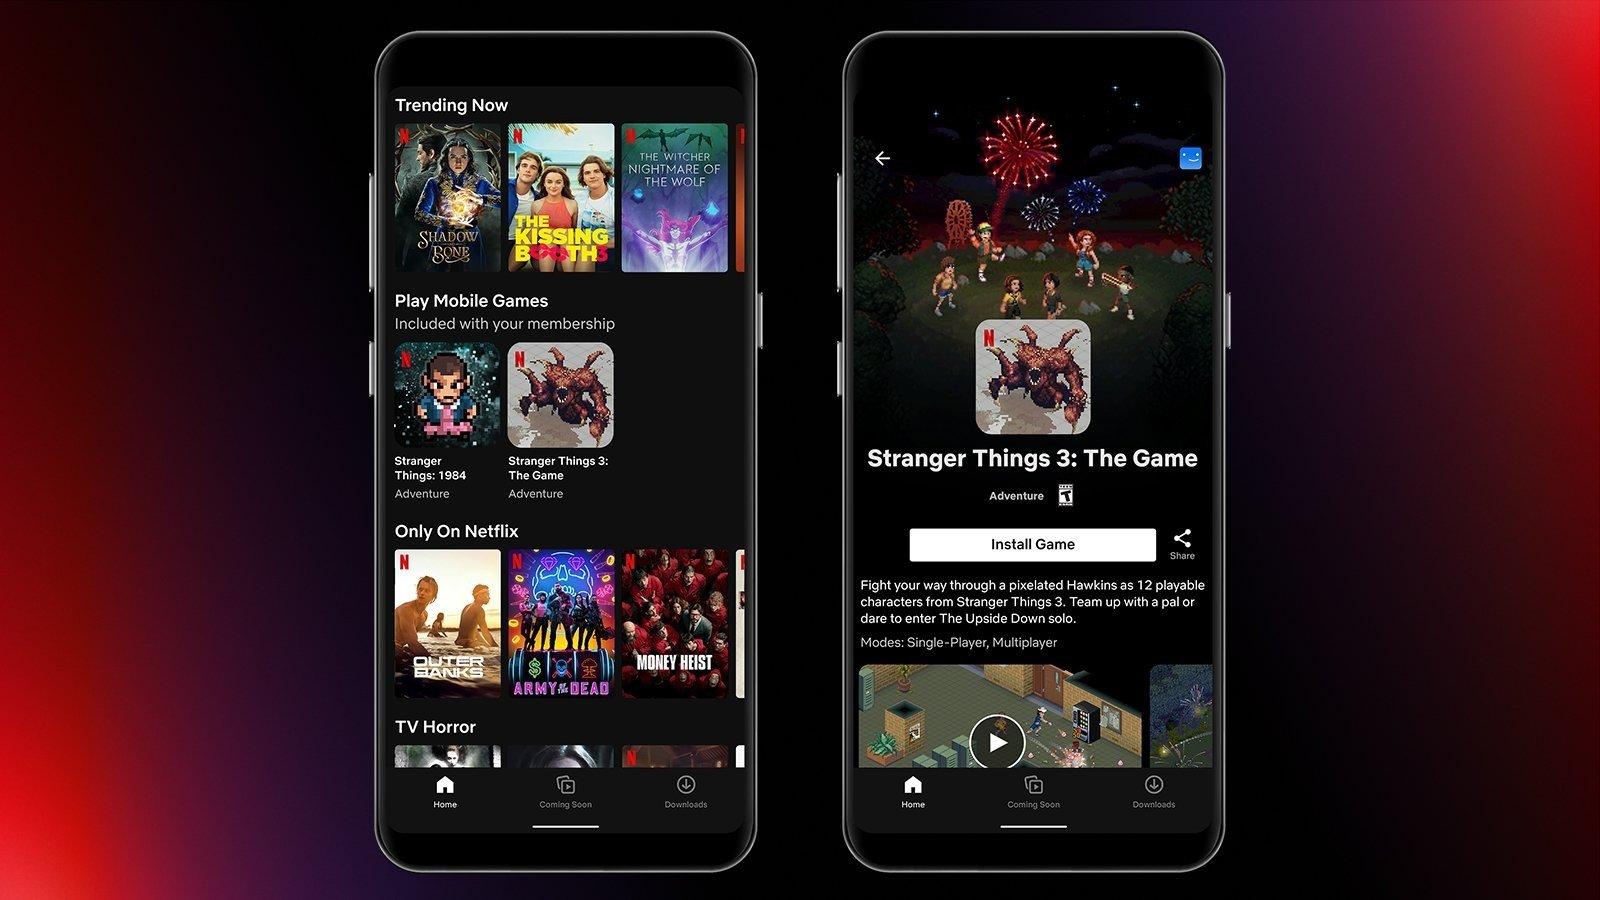 Two iPhone screenshots showing Netflix gaming